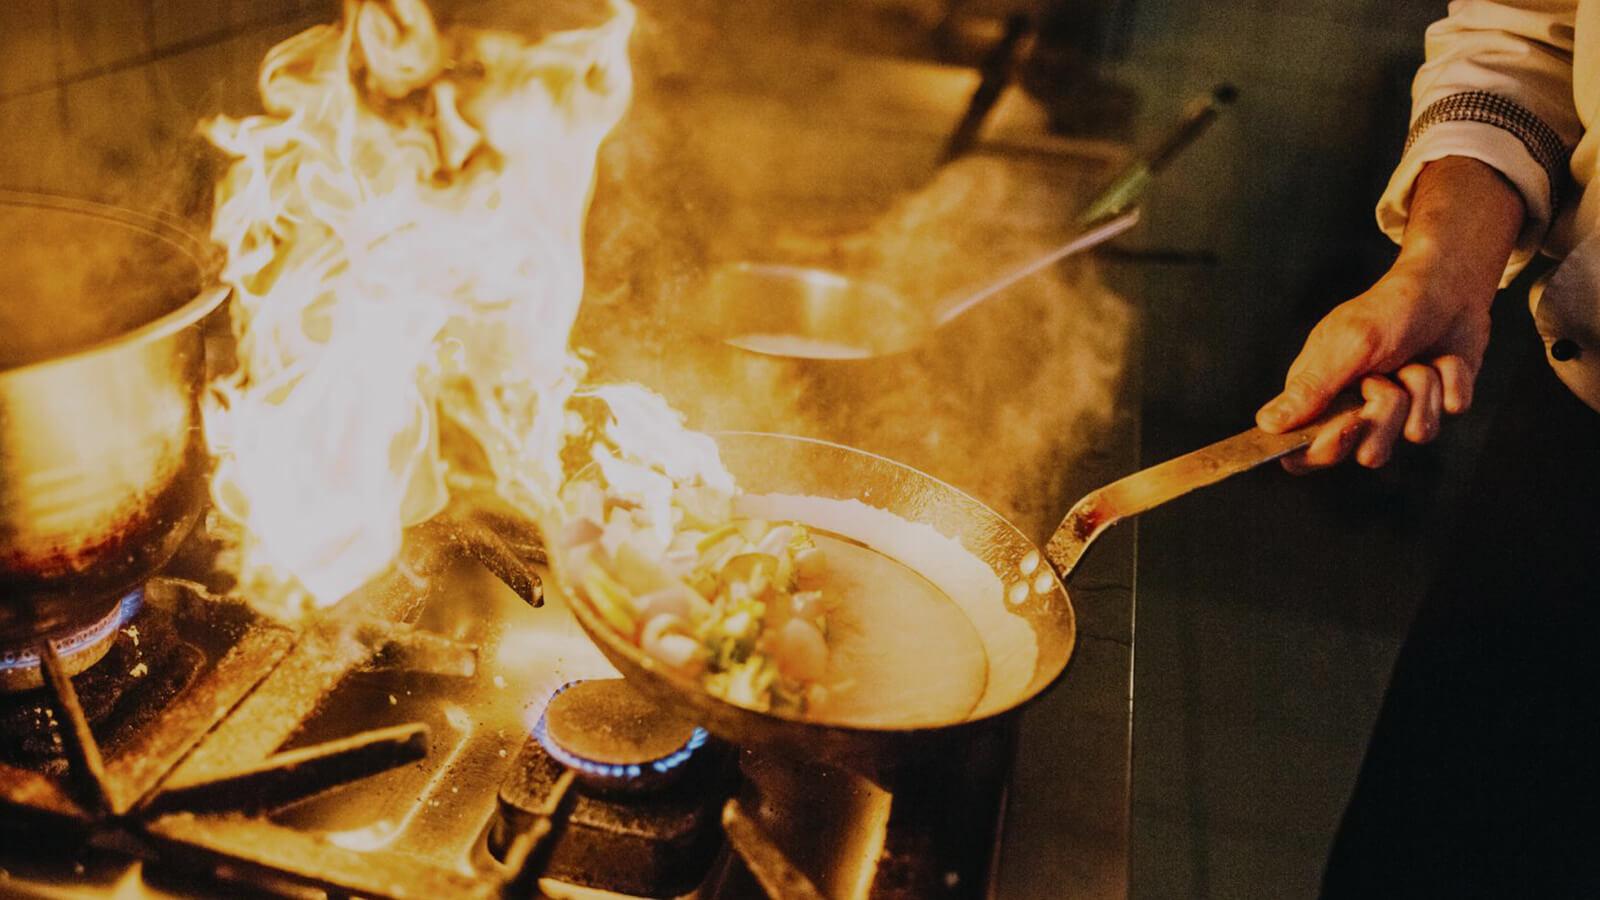 pozar-u-kuhinji-kako-ugasiti-vatrogasci-sveta-klara